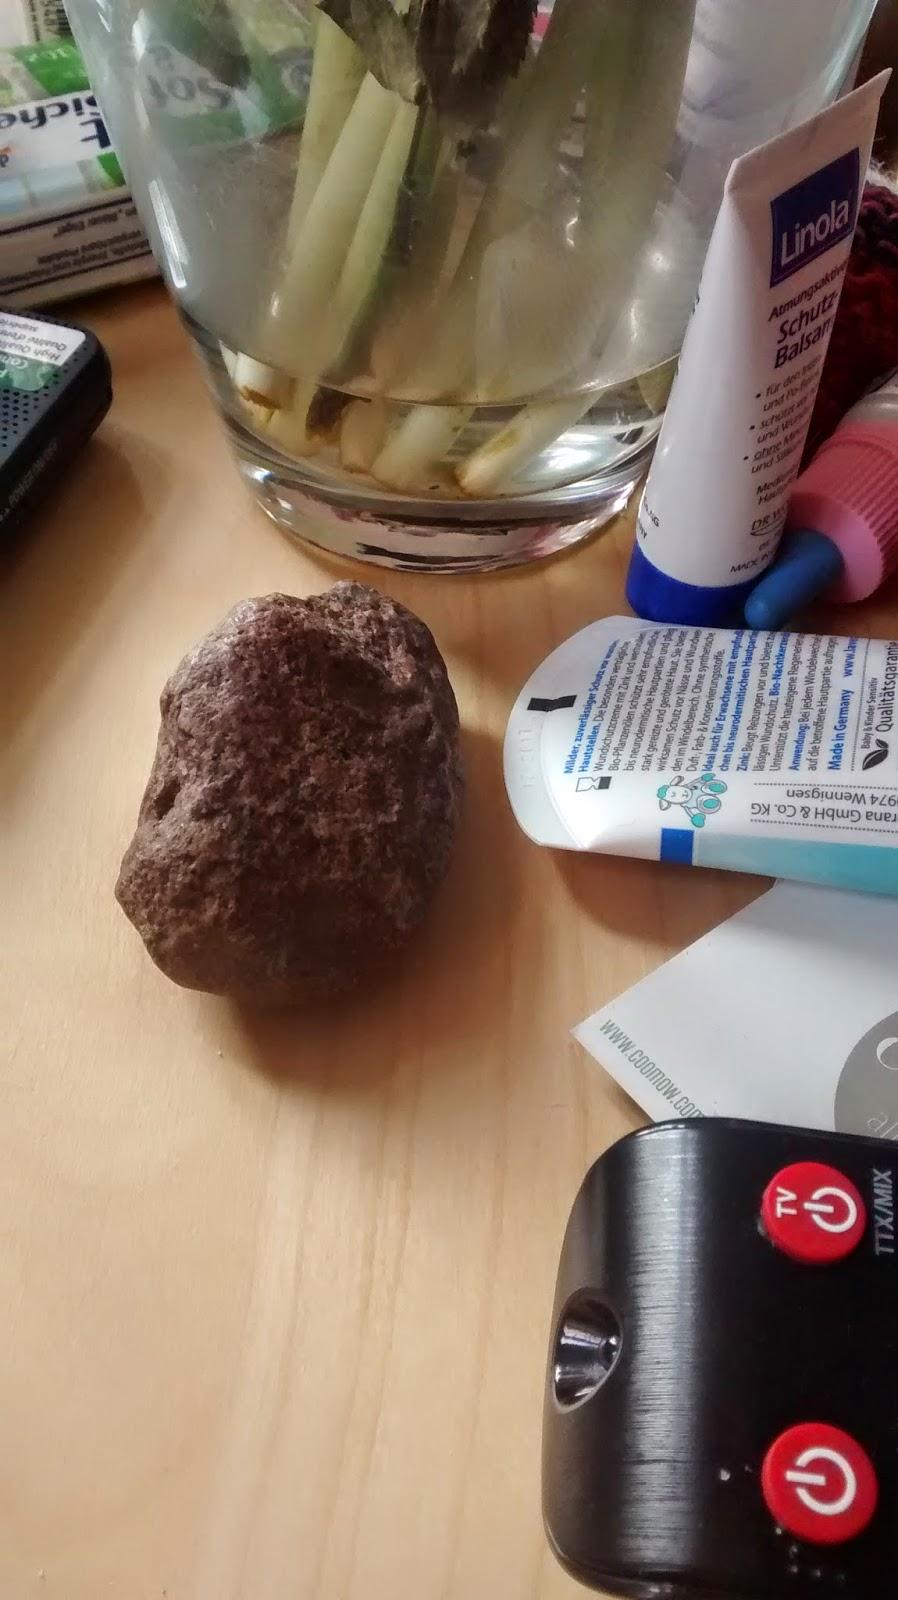 Runzelfuesschen_Kind liebt Steine